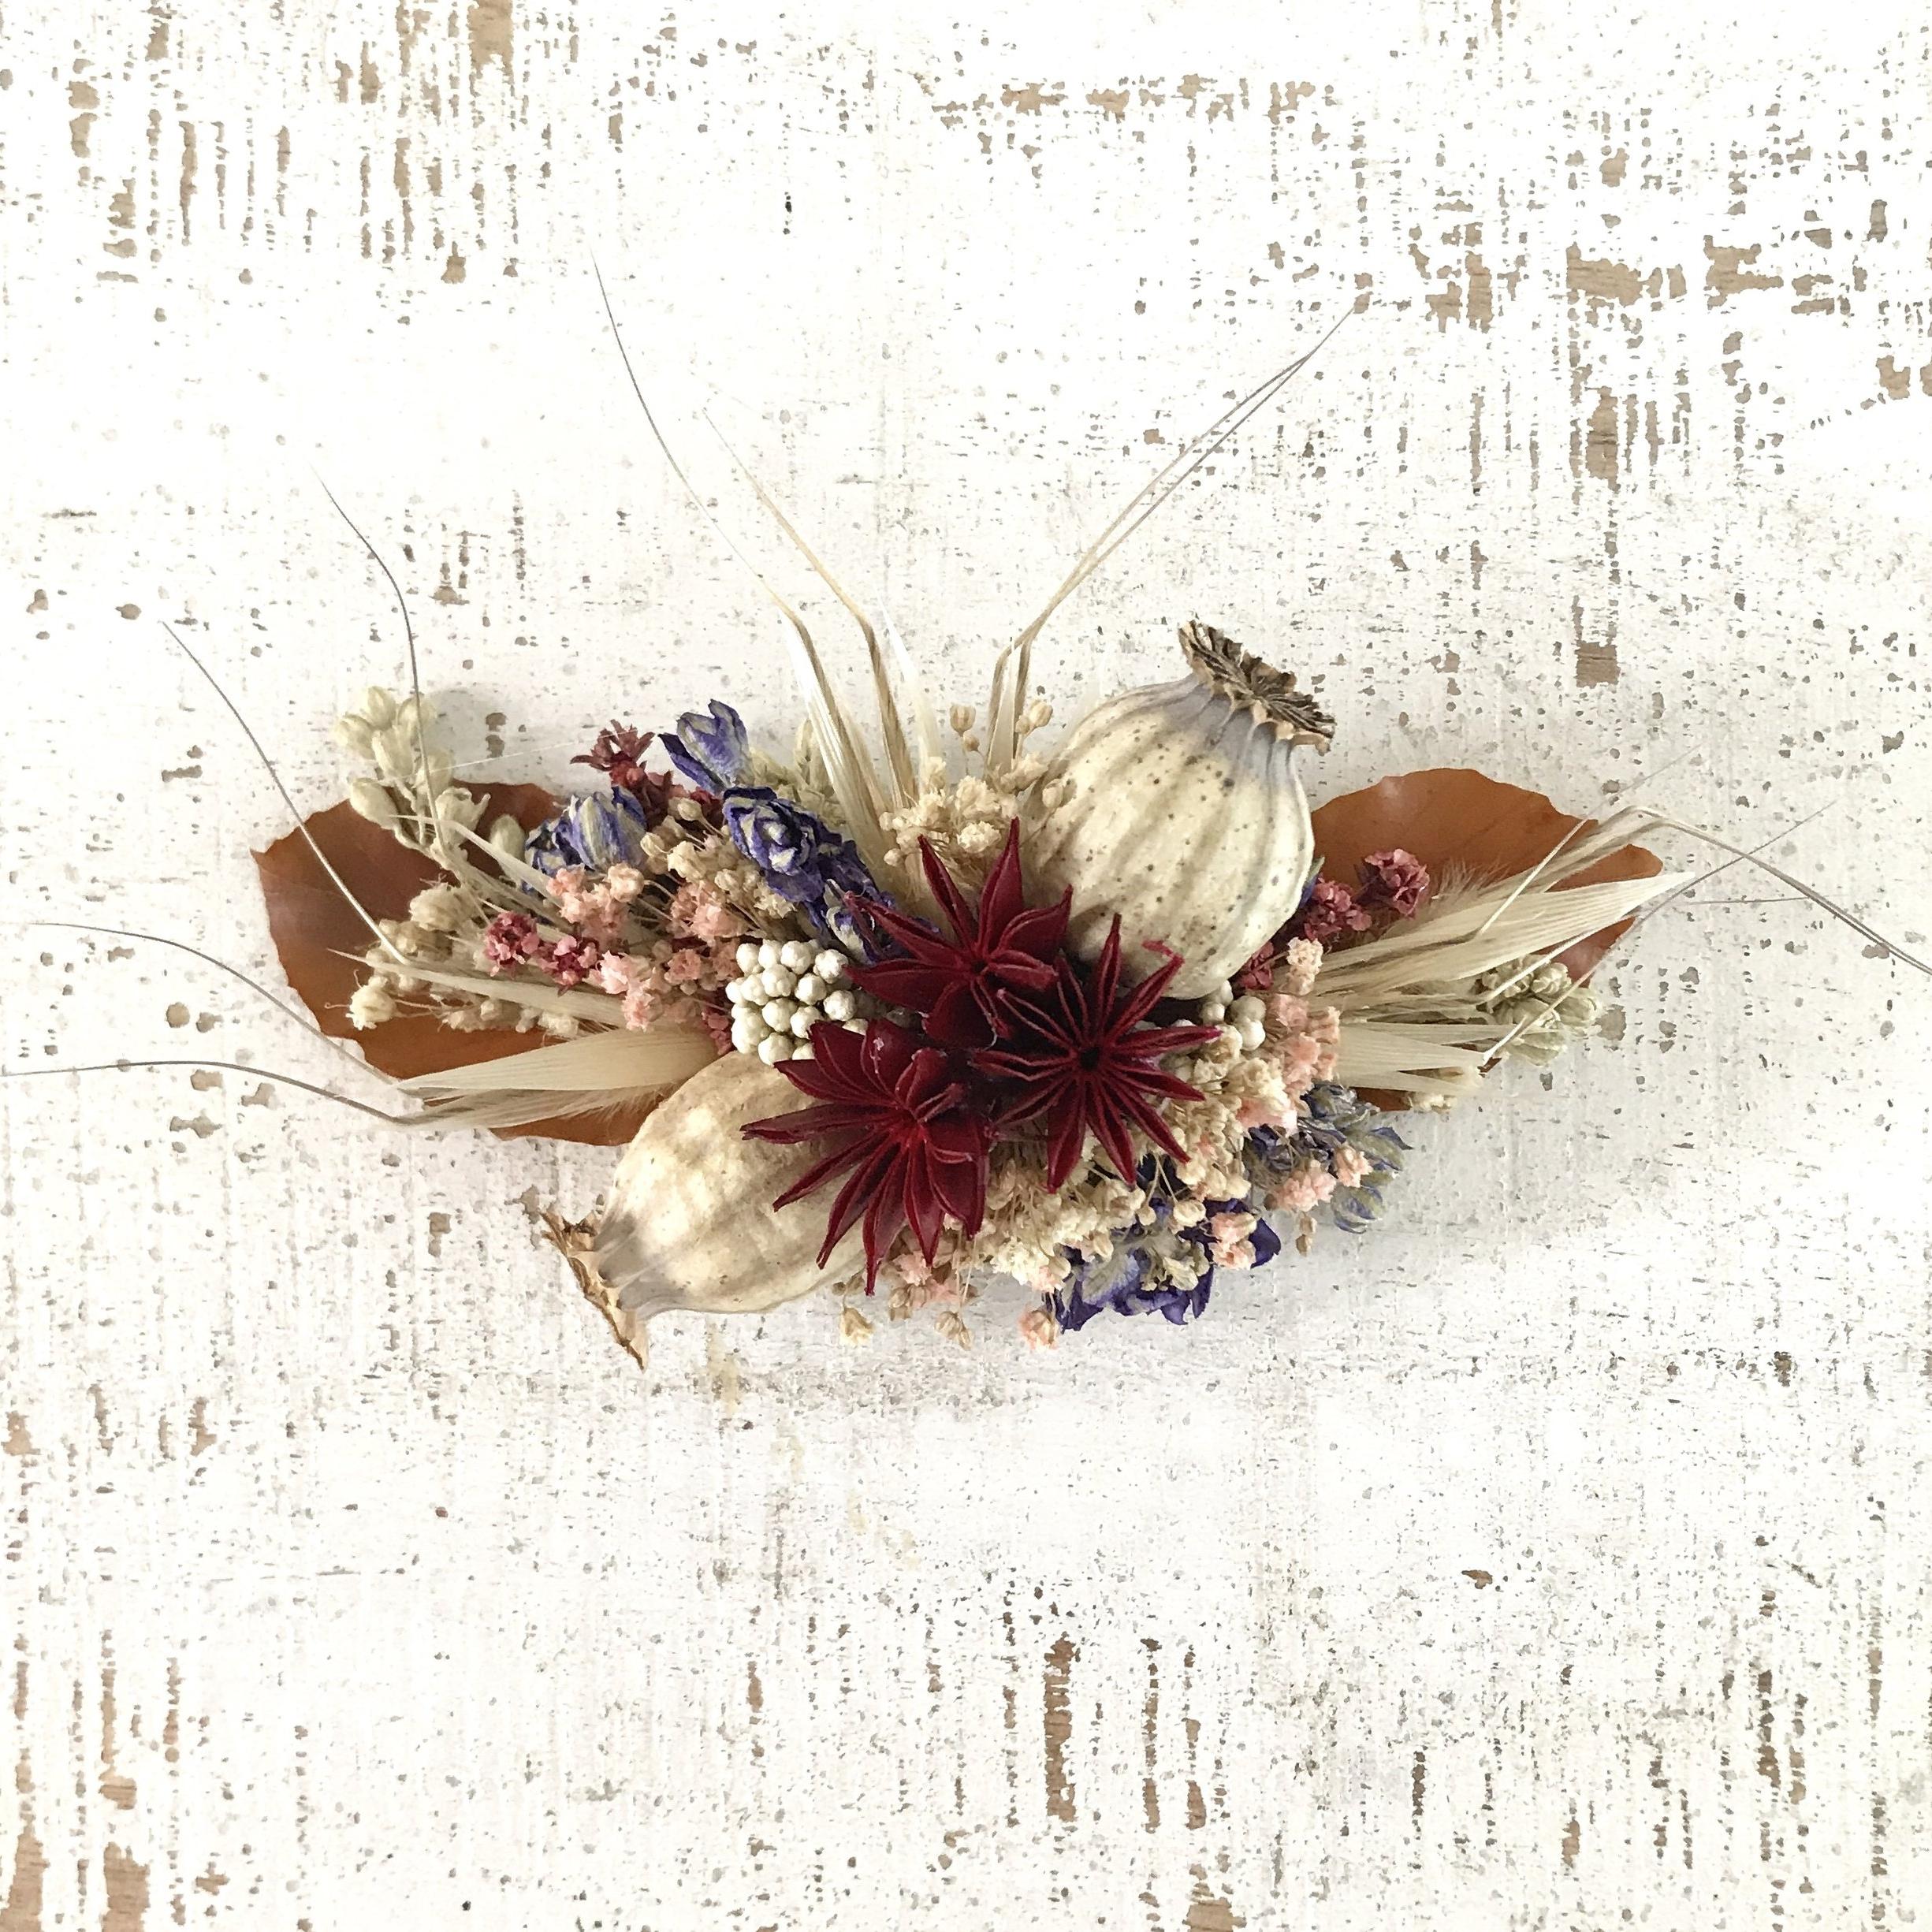 Copia de Peinecillo de flores secas y preservadas